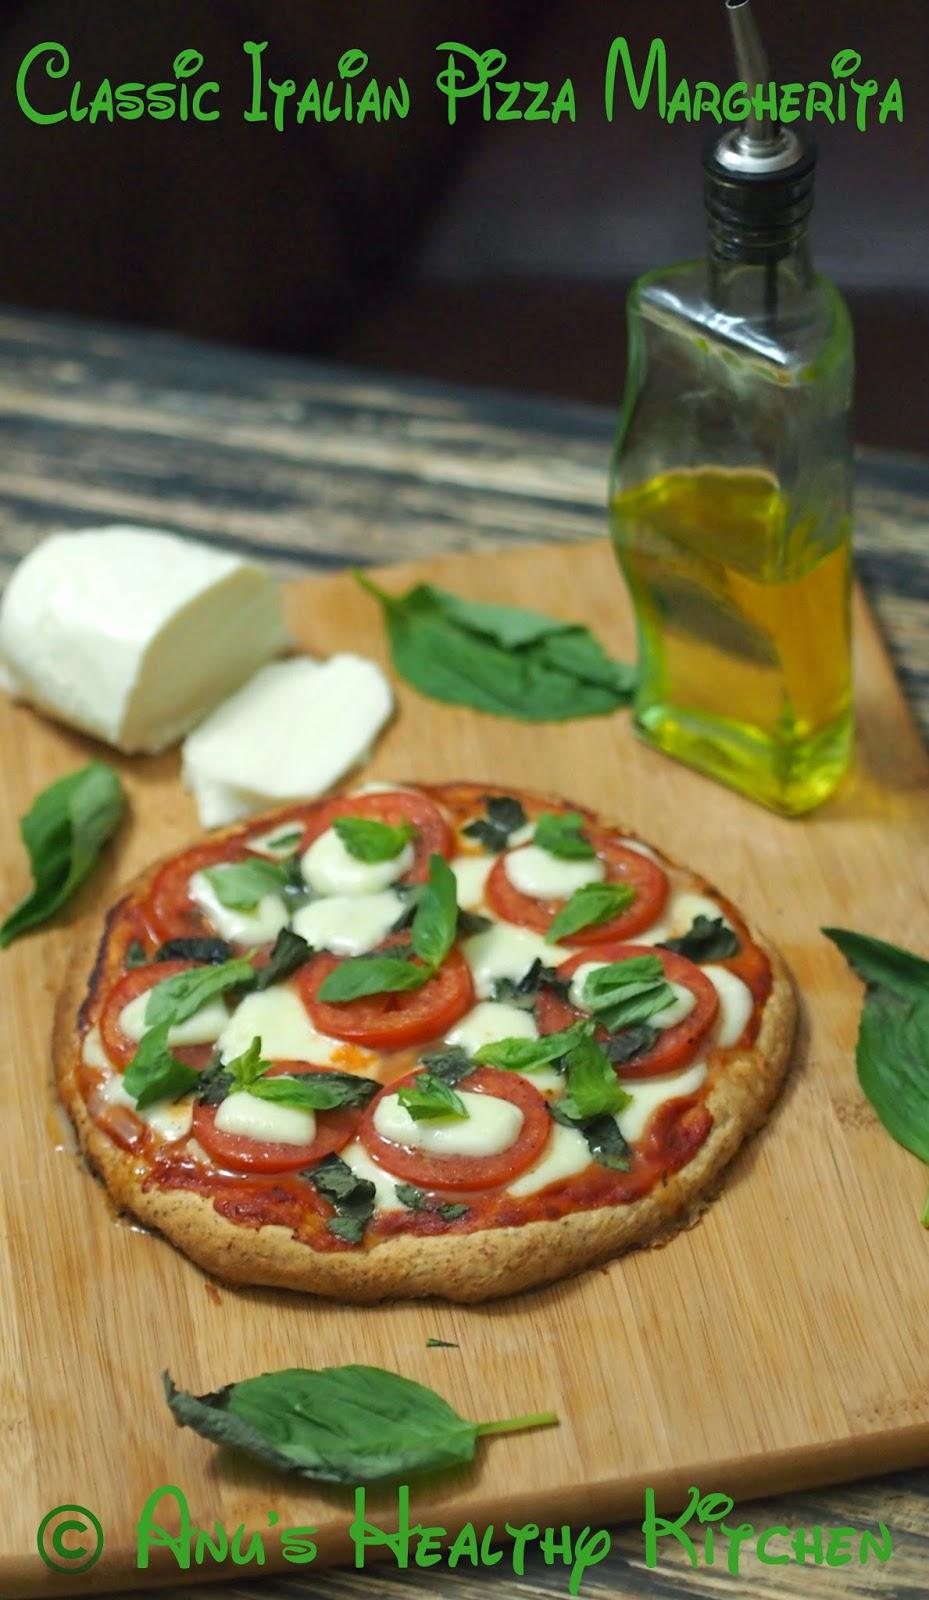 classic italian pizza margherita (bmt pizza)